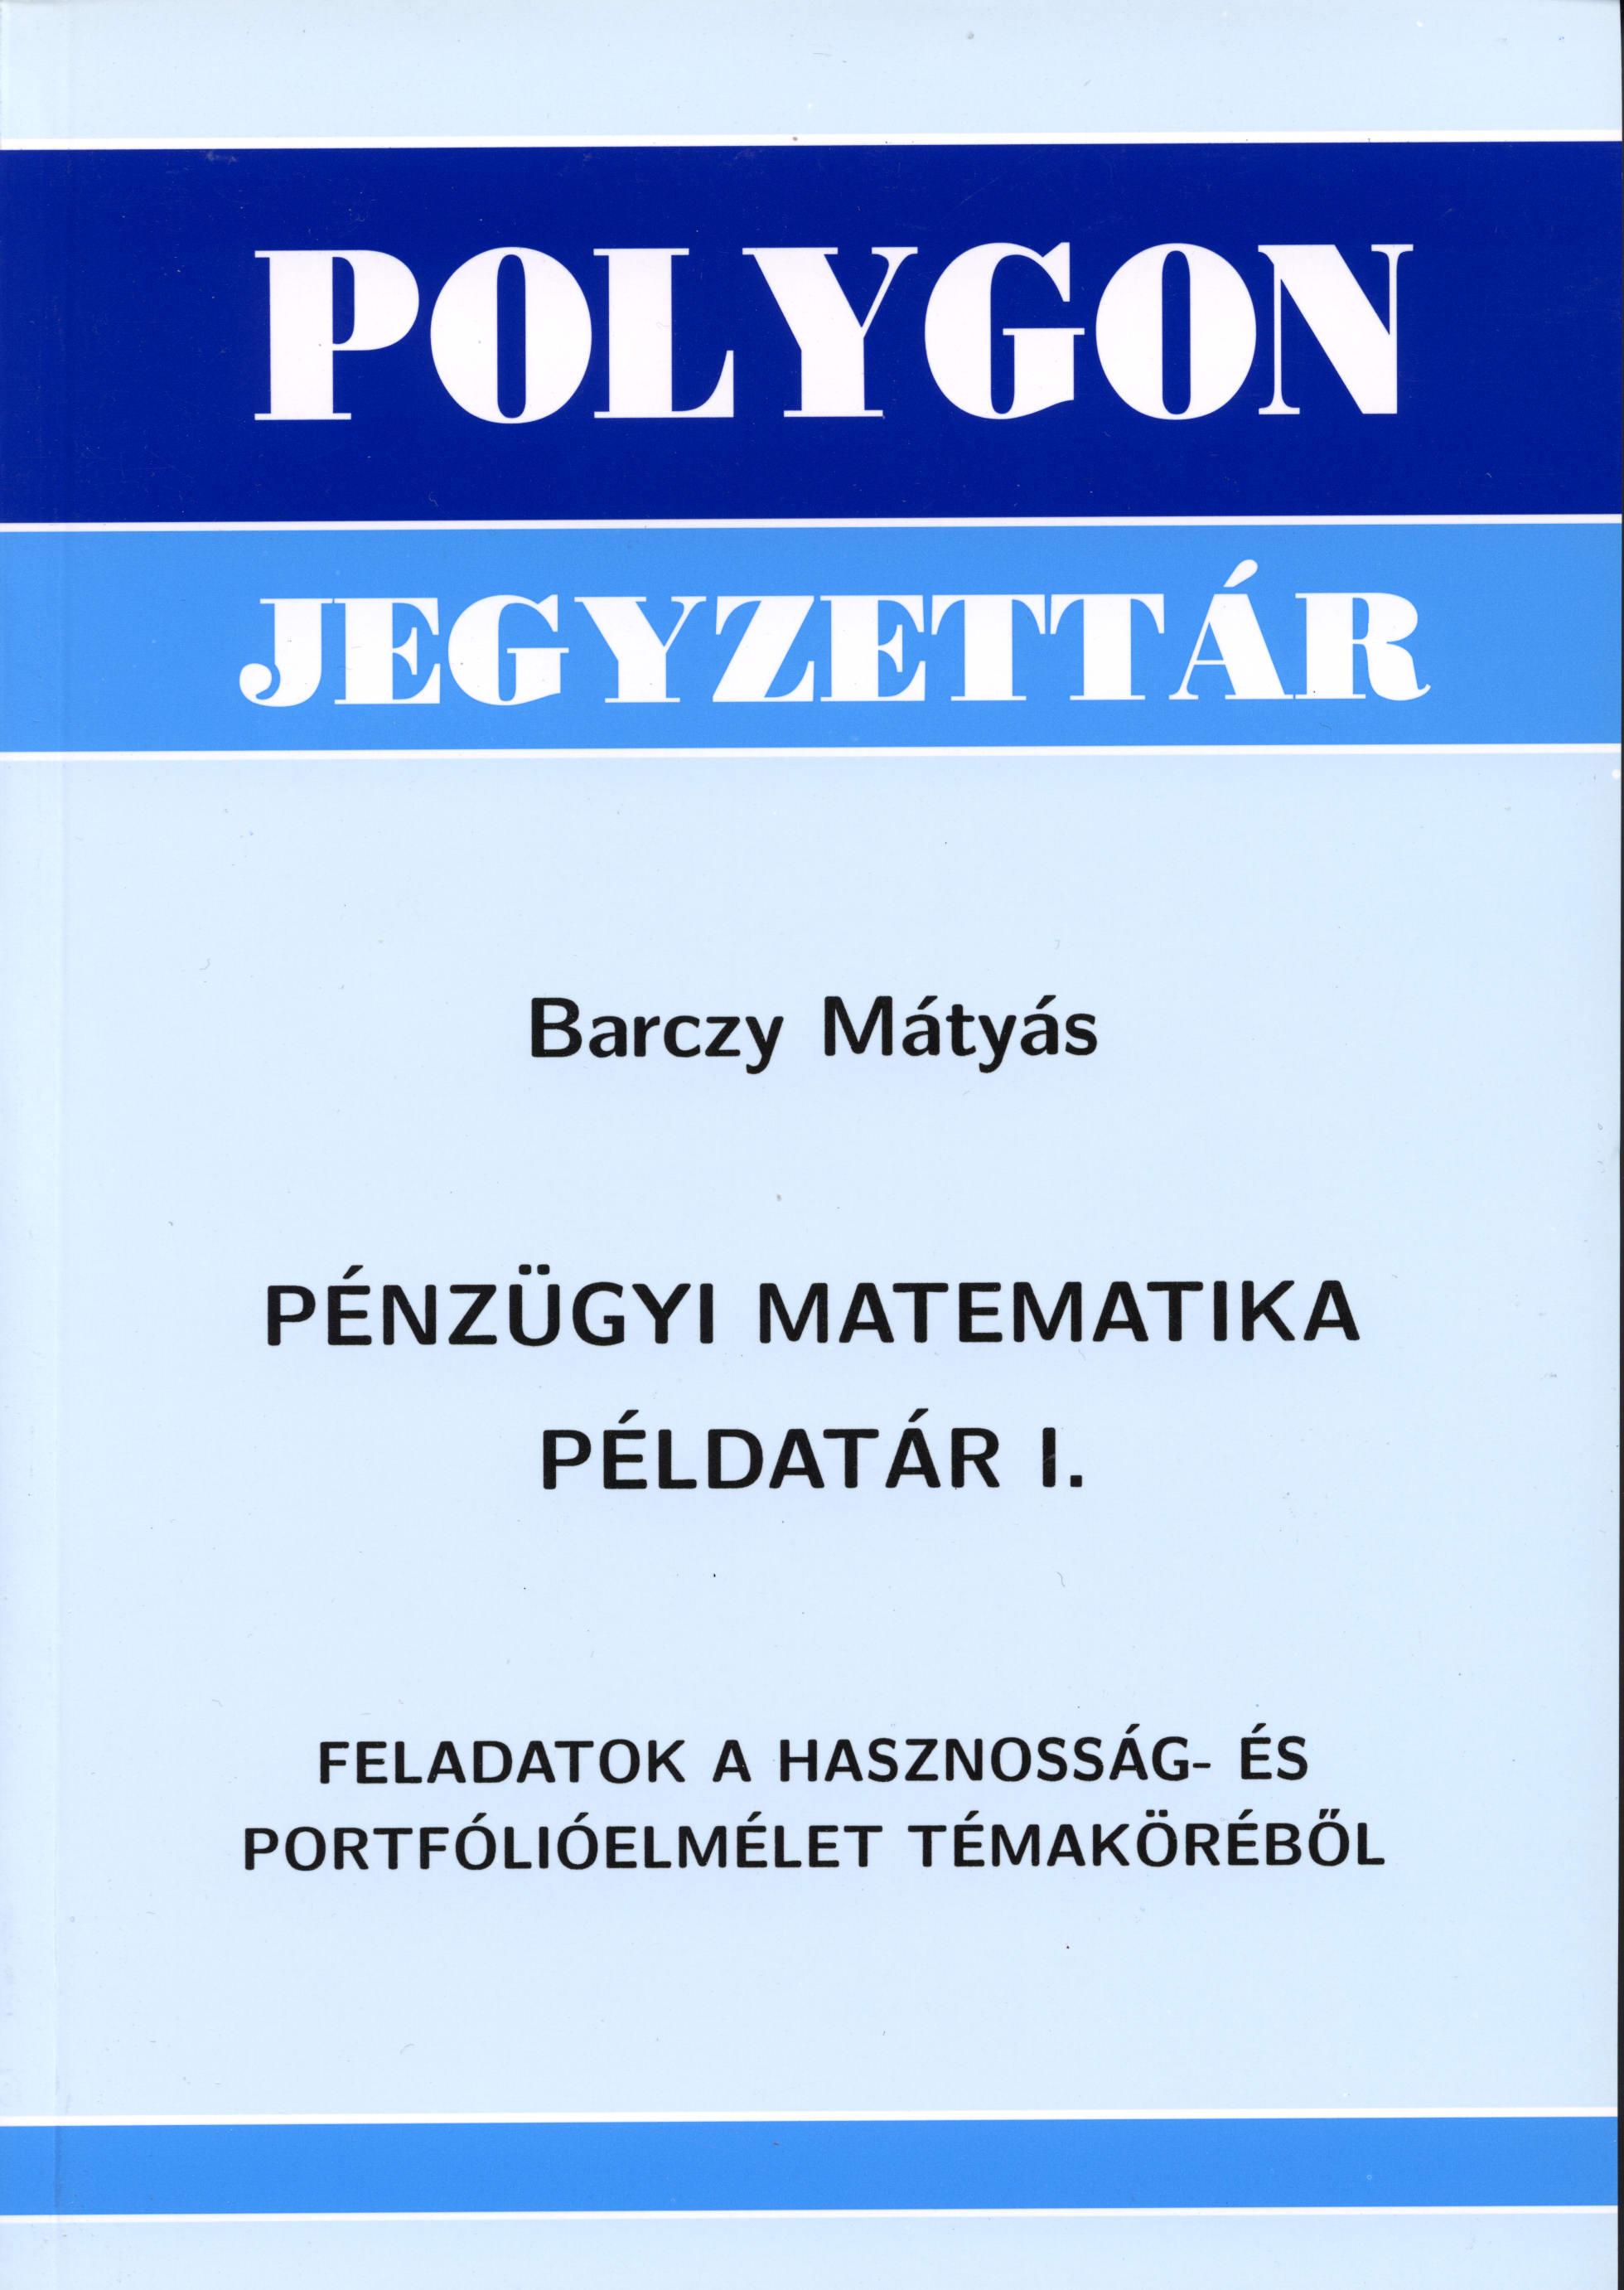 Pénzügyi matematika példatár I. - Polygon jegyzet